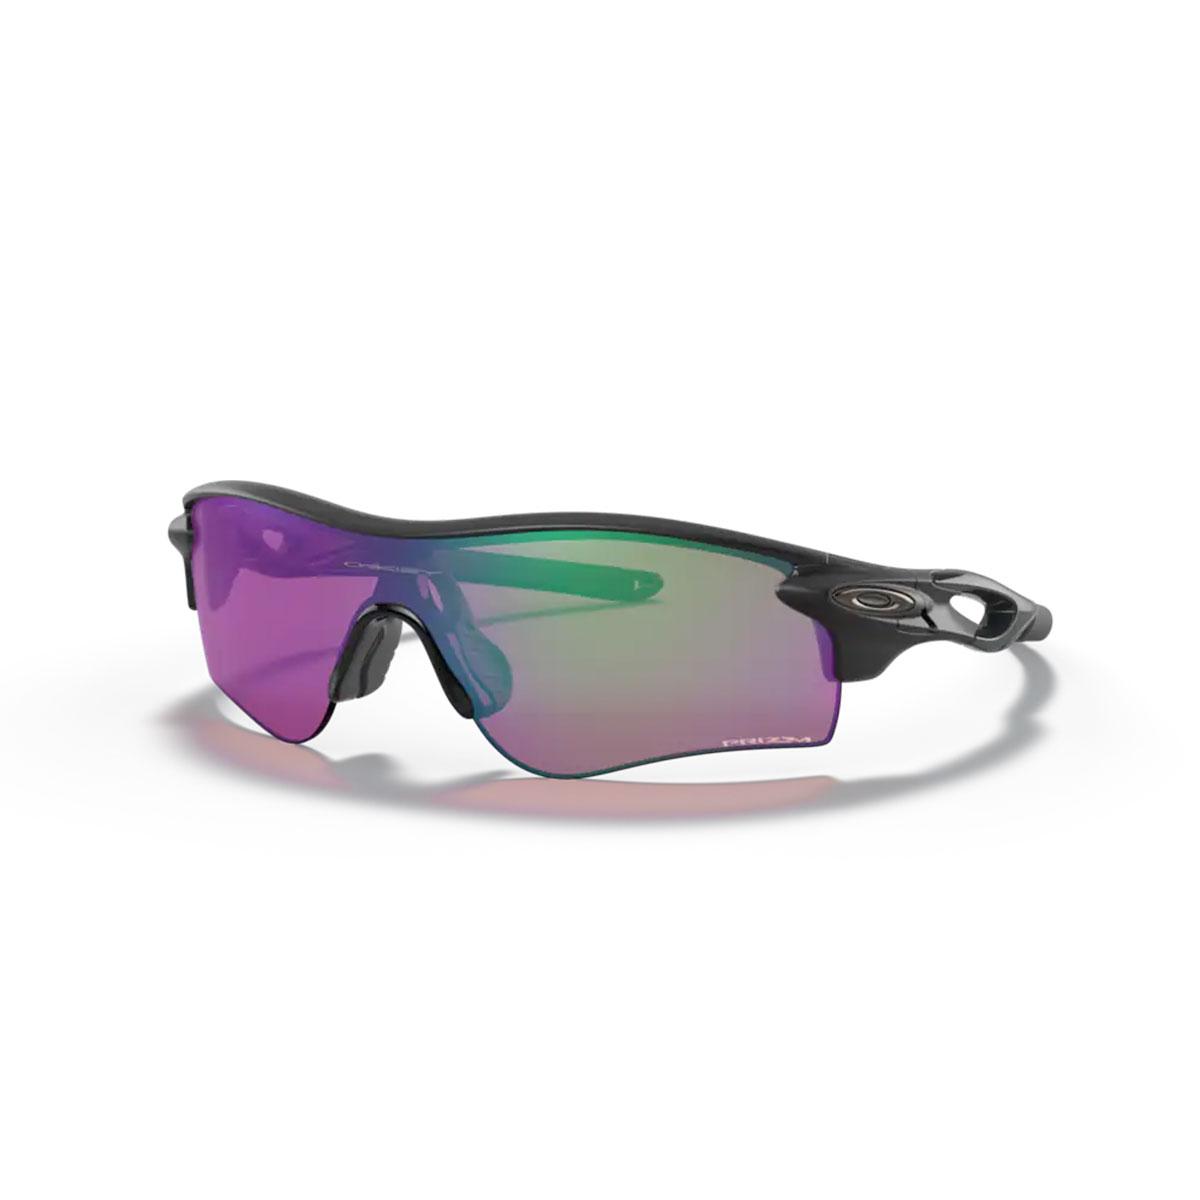 オークリー OAKLEY サングラス Prizm Golf RADARLOCK PATH Asia Fit【レーダーロックパス アジアフィット】Polished Black/Prizm Golf OO9206-25